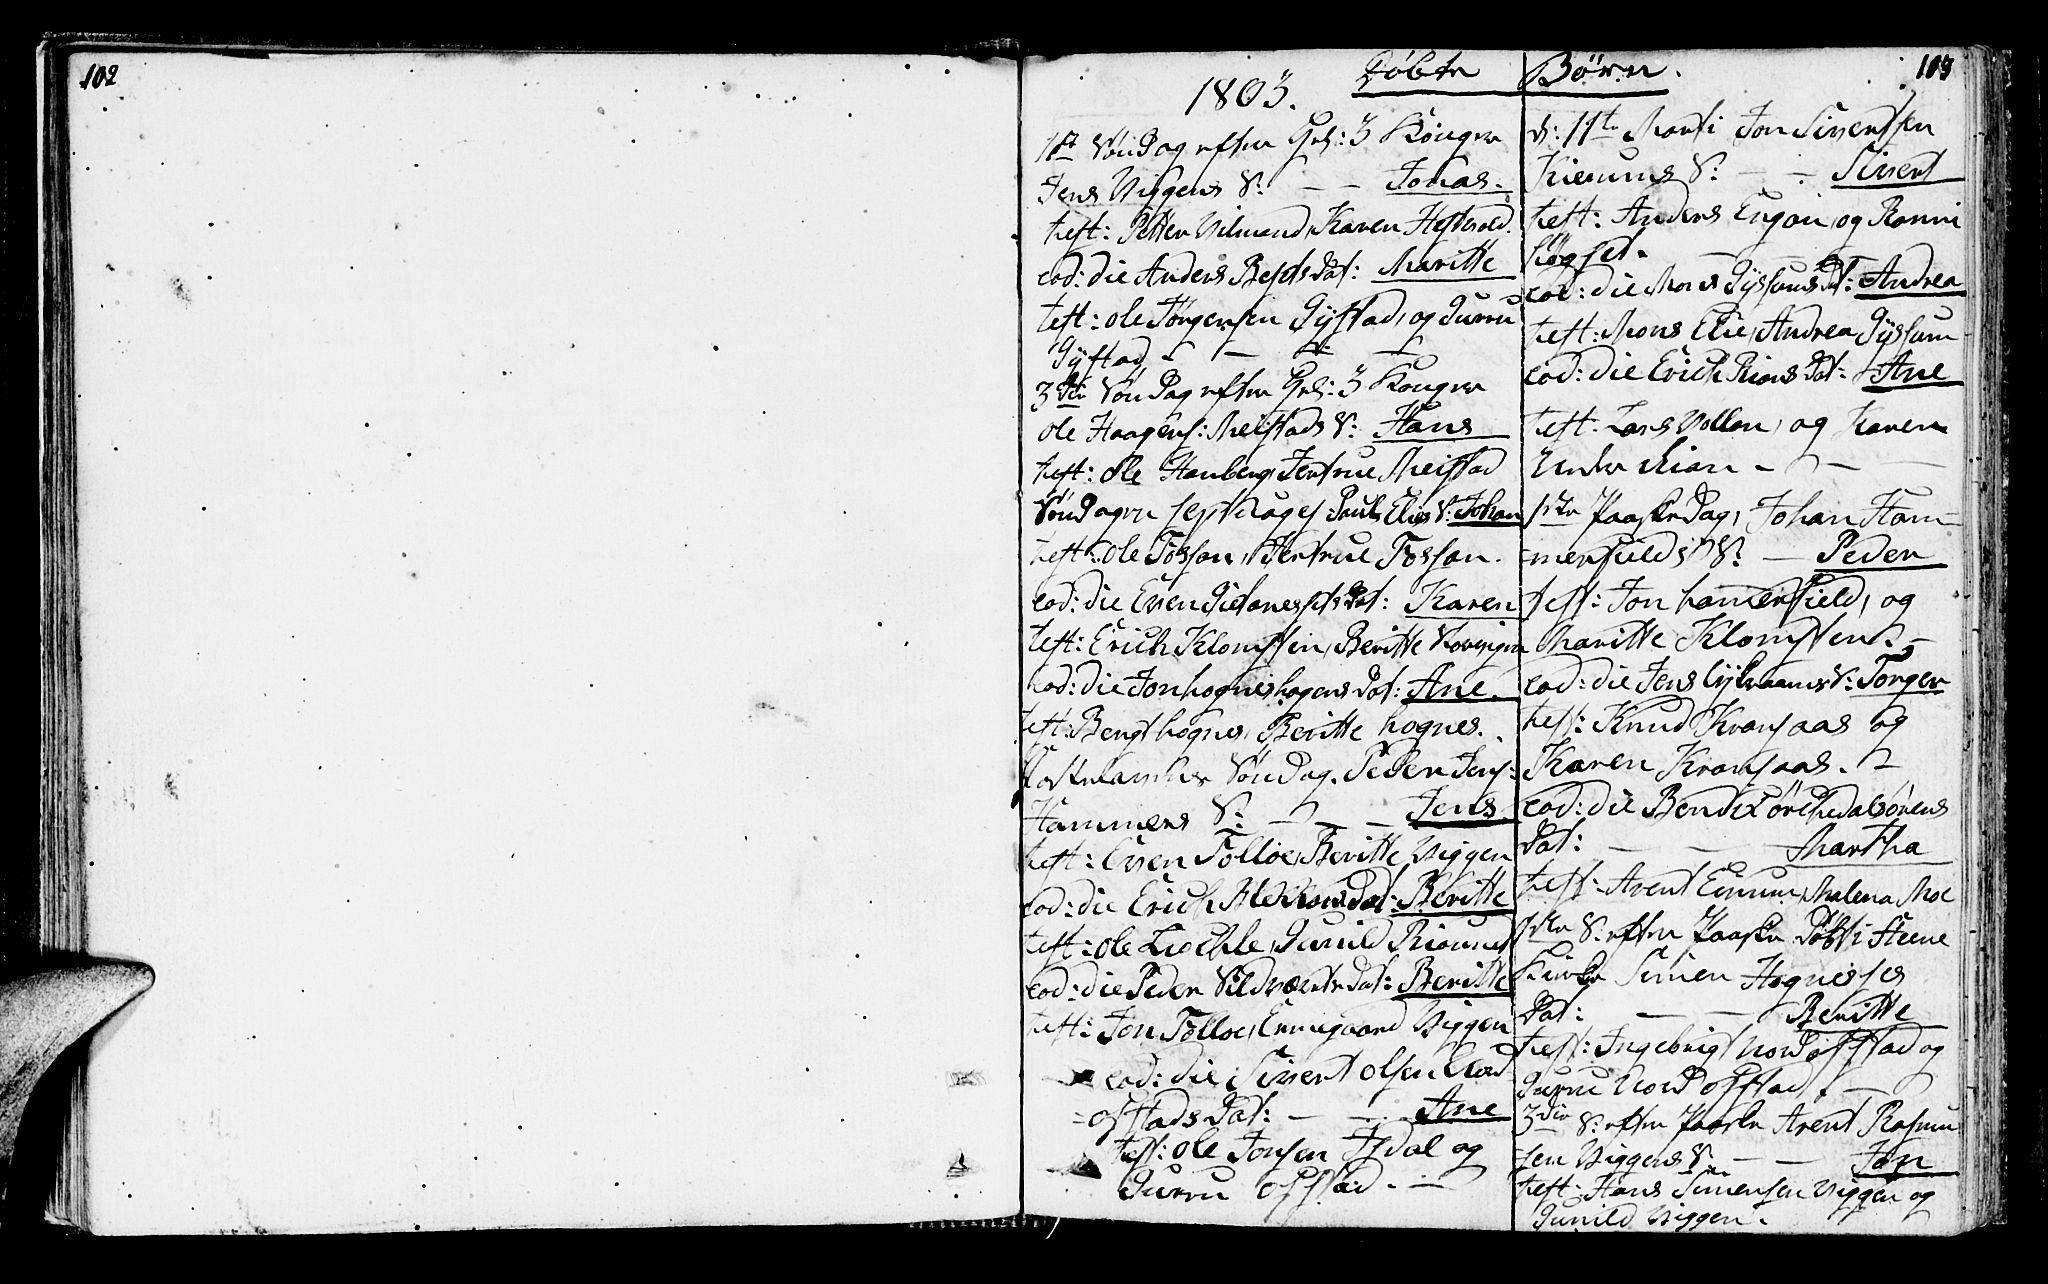 SAT, Ministerialprotokoller, klokkerbøker og fødselsregistre - Sør-Trøndelag, 665/L0769: Ministerialbok nr. 665A04, 1803-1816, s. 102-103